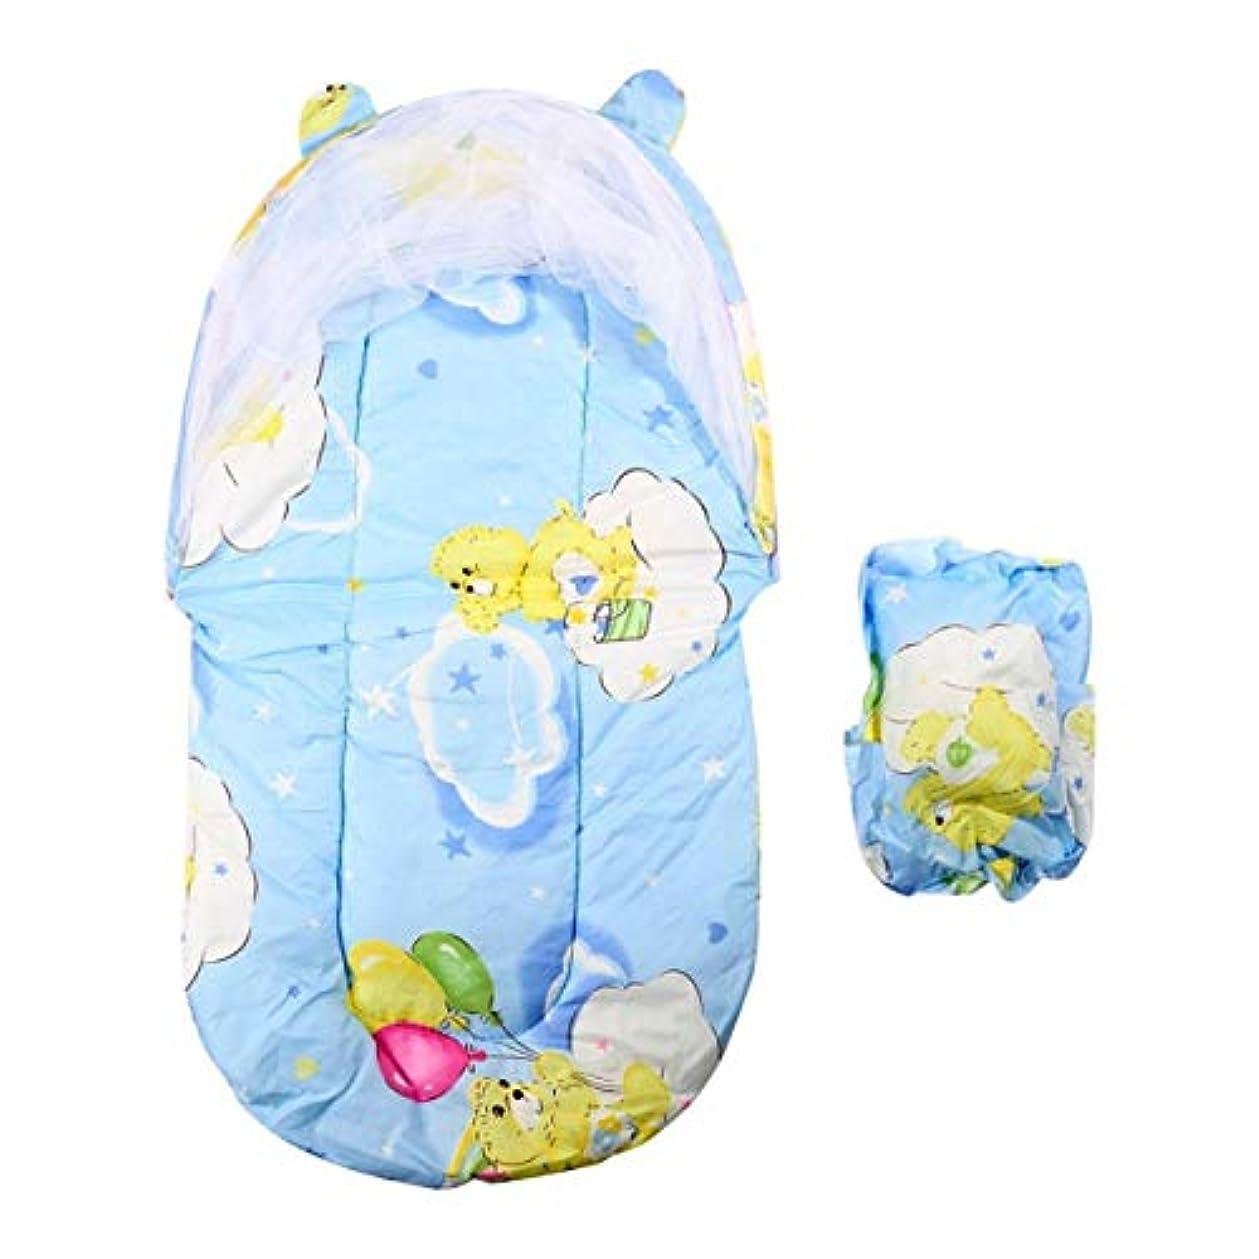 旧正月松広くSaikogoods 折り畳み式の新しい赤ん坊の綿パッド入りマットレス幼児枕ベッド蚊帳テントはキッズベビーベッドアクセサリーハングドームフロアスタンド 青